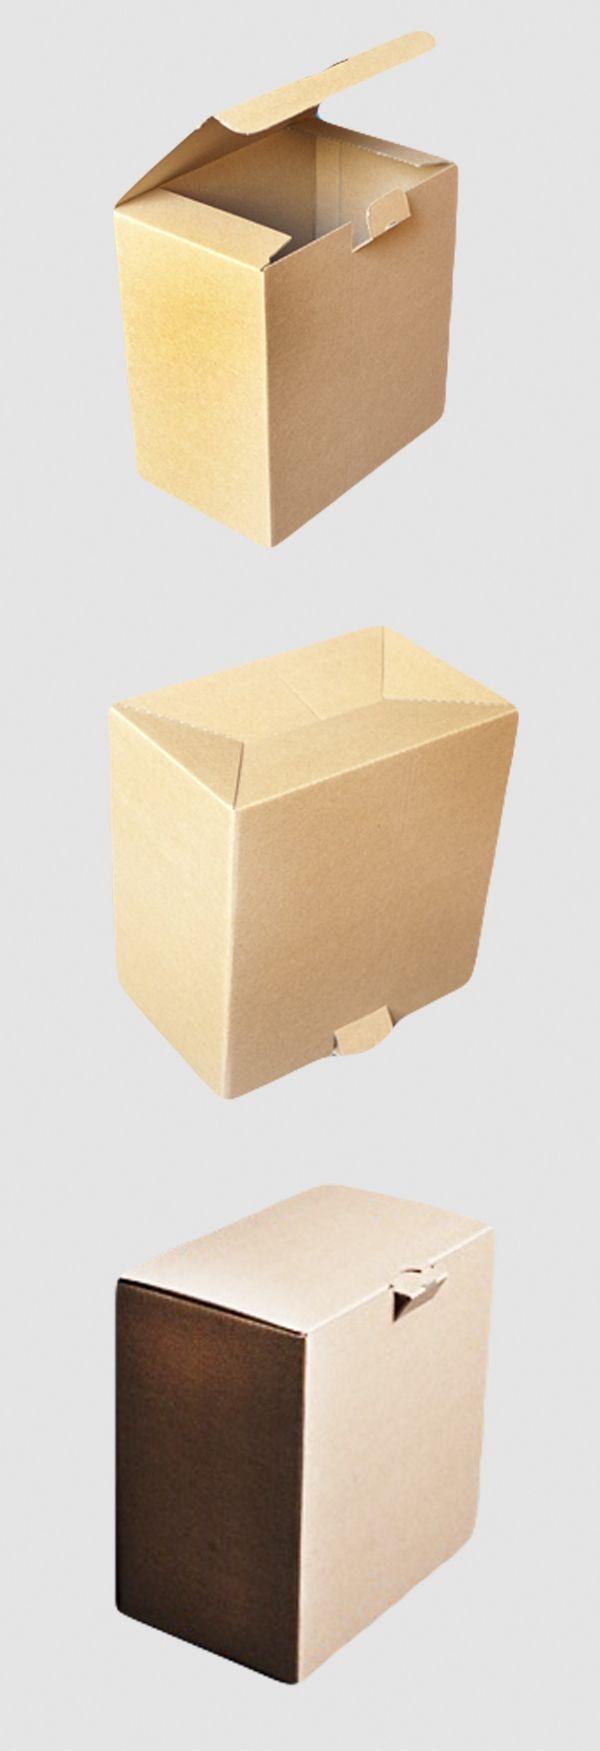 Die Zusammenfaltung von Karton geht in nur 4 Schritten. Die Versandverpackungen werden flachliegend und ungefaltet angeliefert und sind schnell und leicht aufzurichten.   #karton #klappdeckel #versandkarton #faltkarton #strechfolie #luftpolstertasche #versand